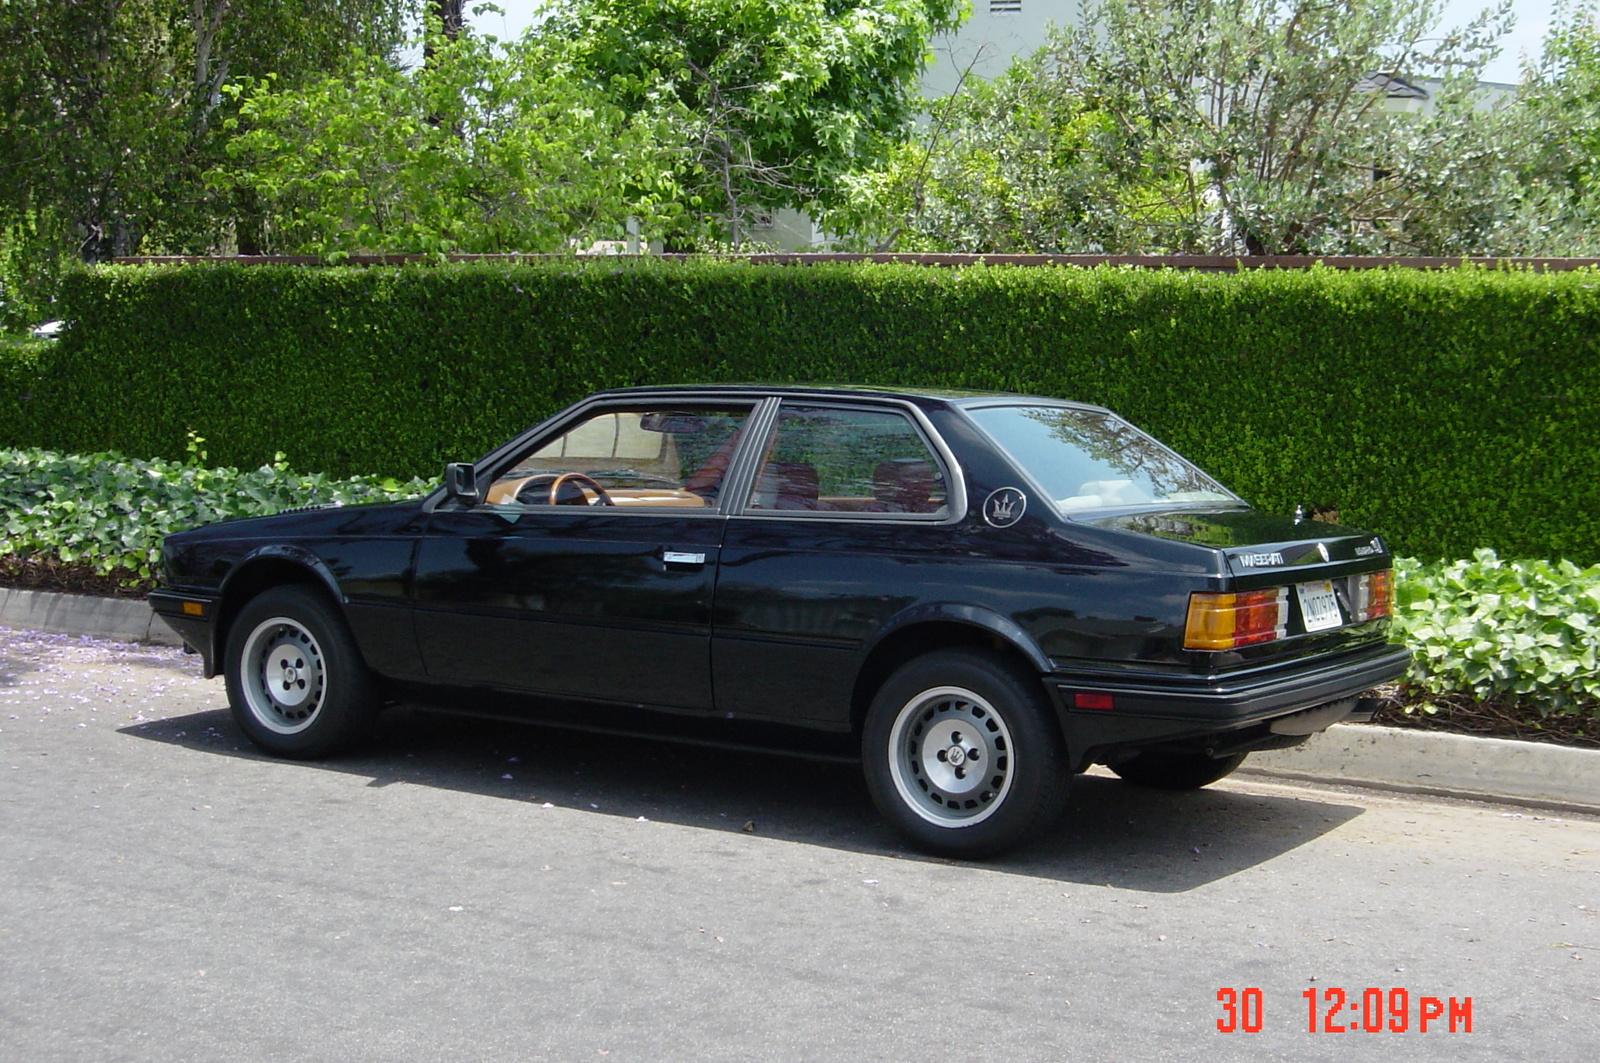 1985 Maserati Biturbo - Pictures - CarGurus